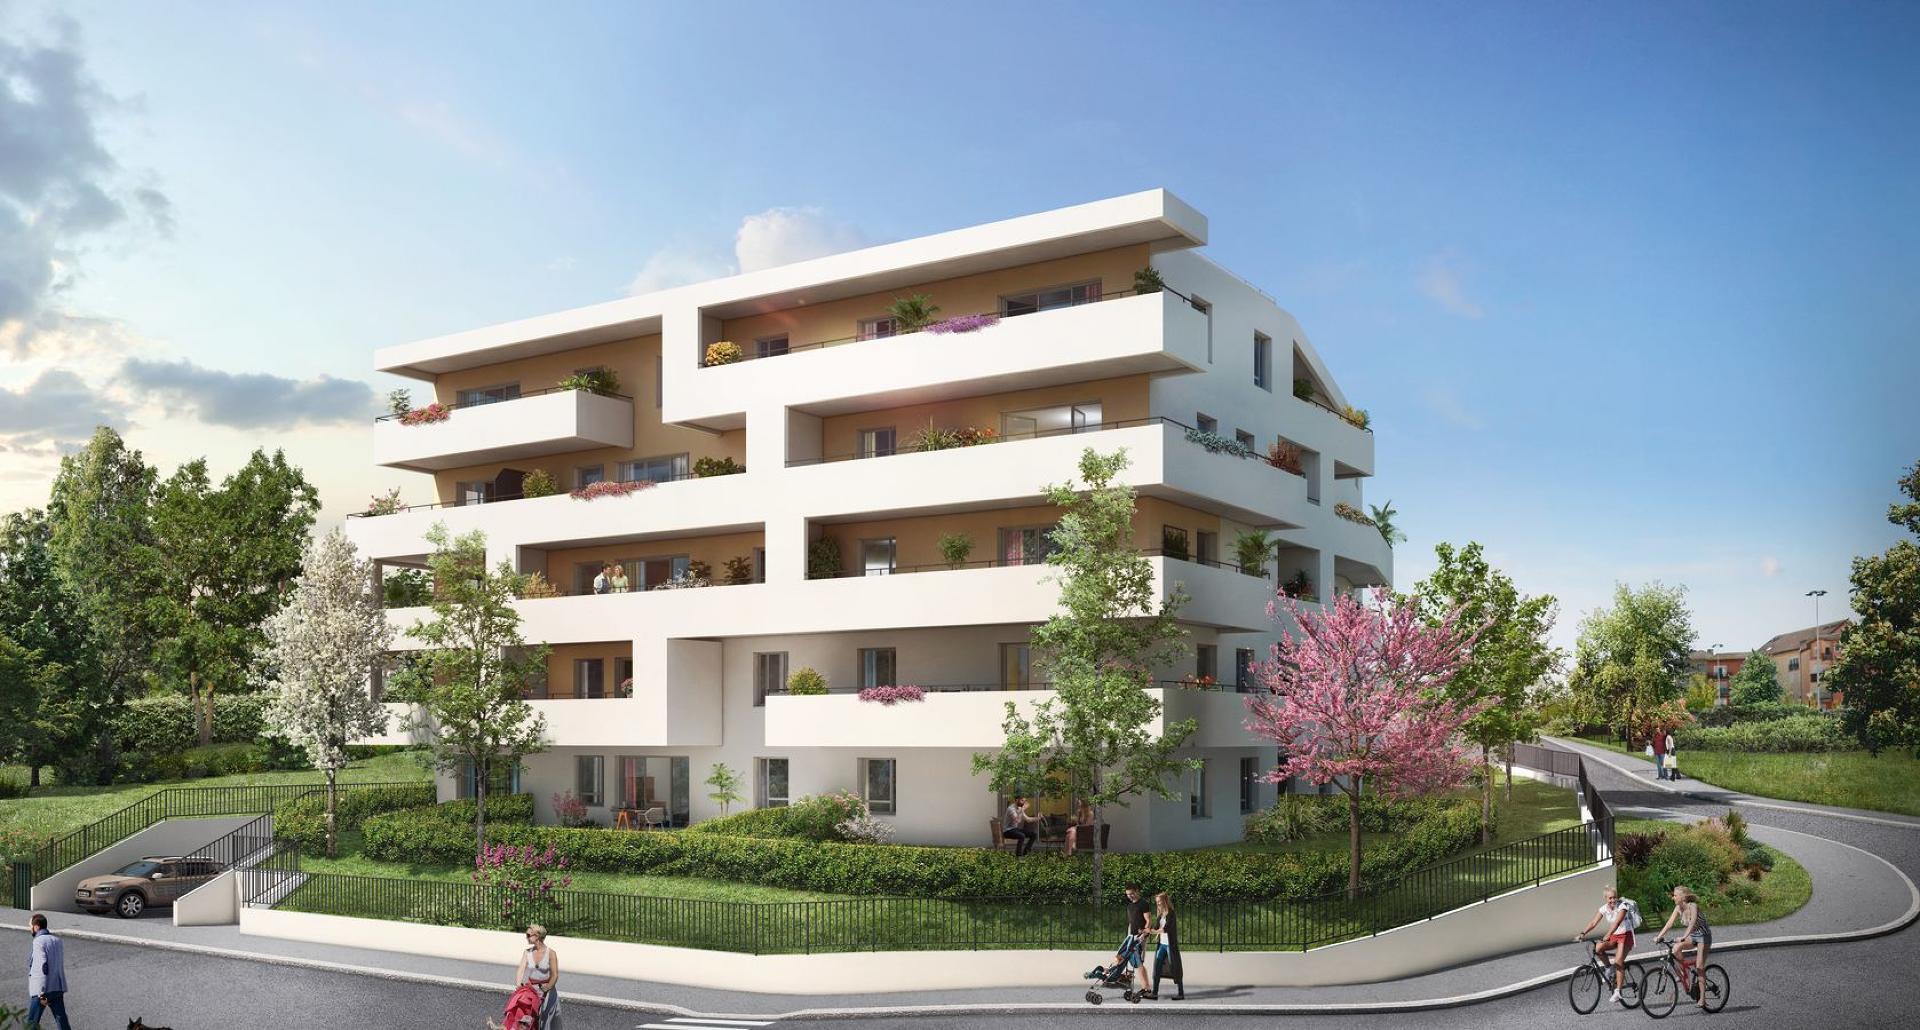 Programme immobilier CRA8 appartement à Annemasse (74100) Idéalement située dans un quartier calme